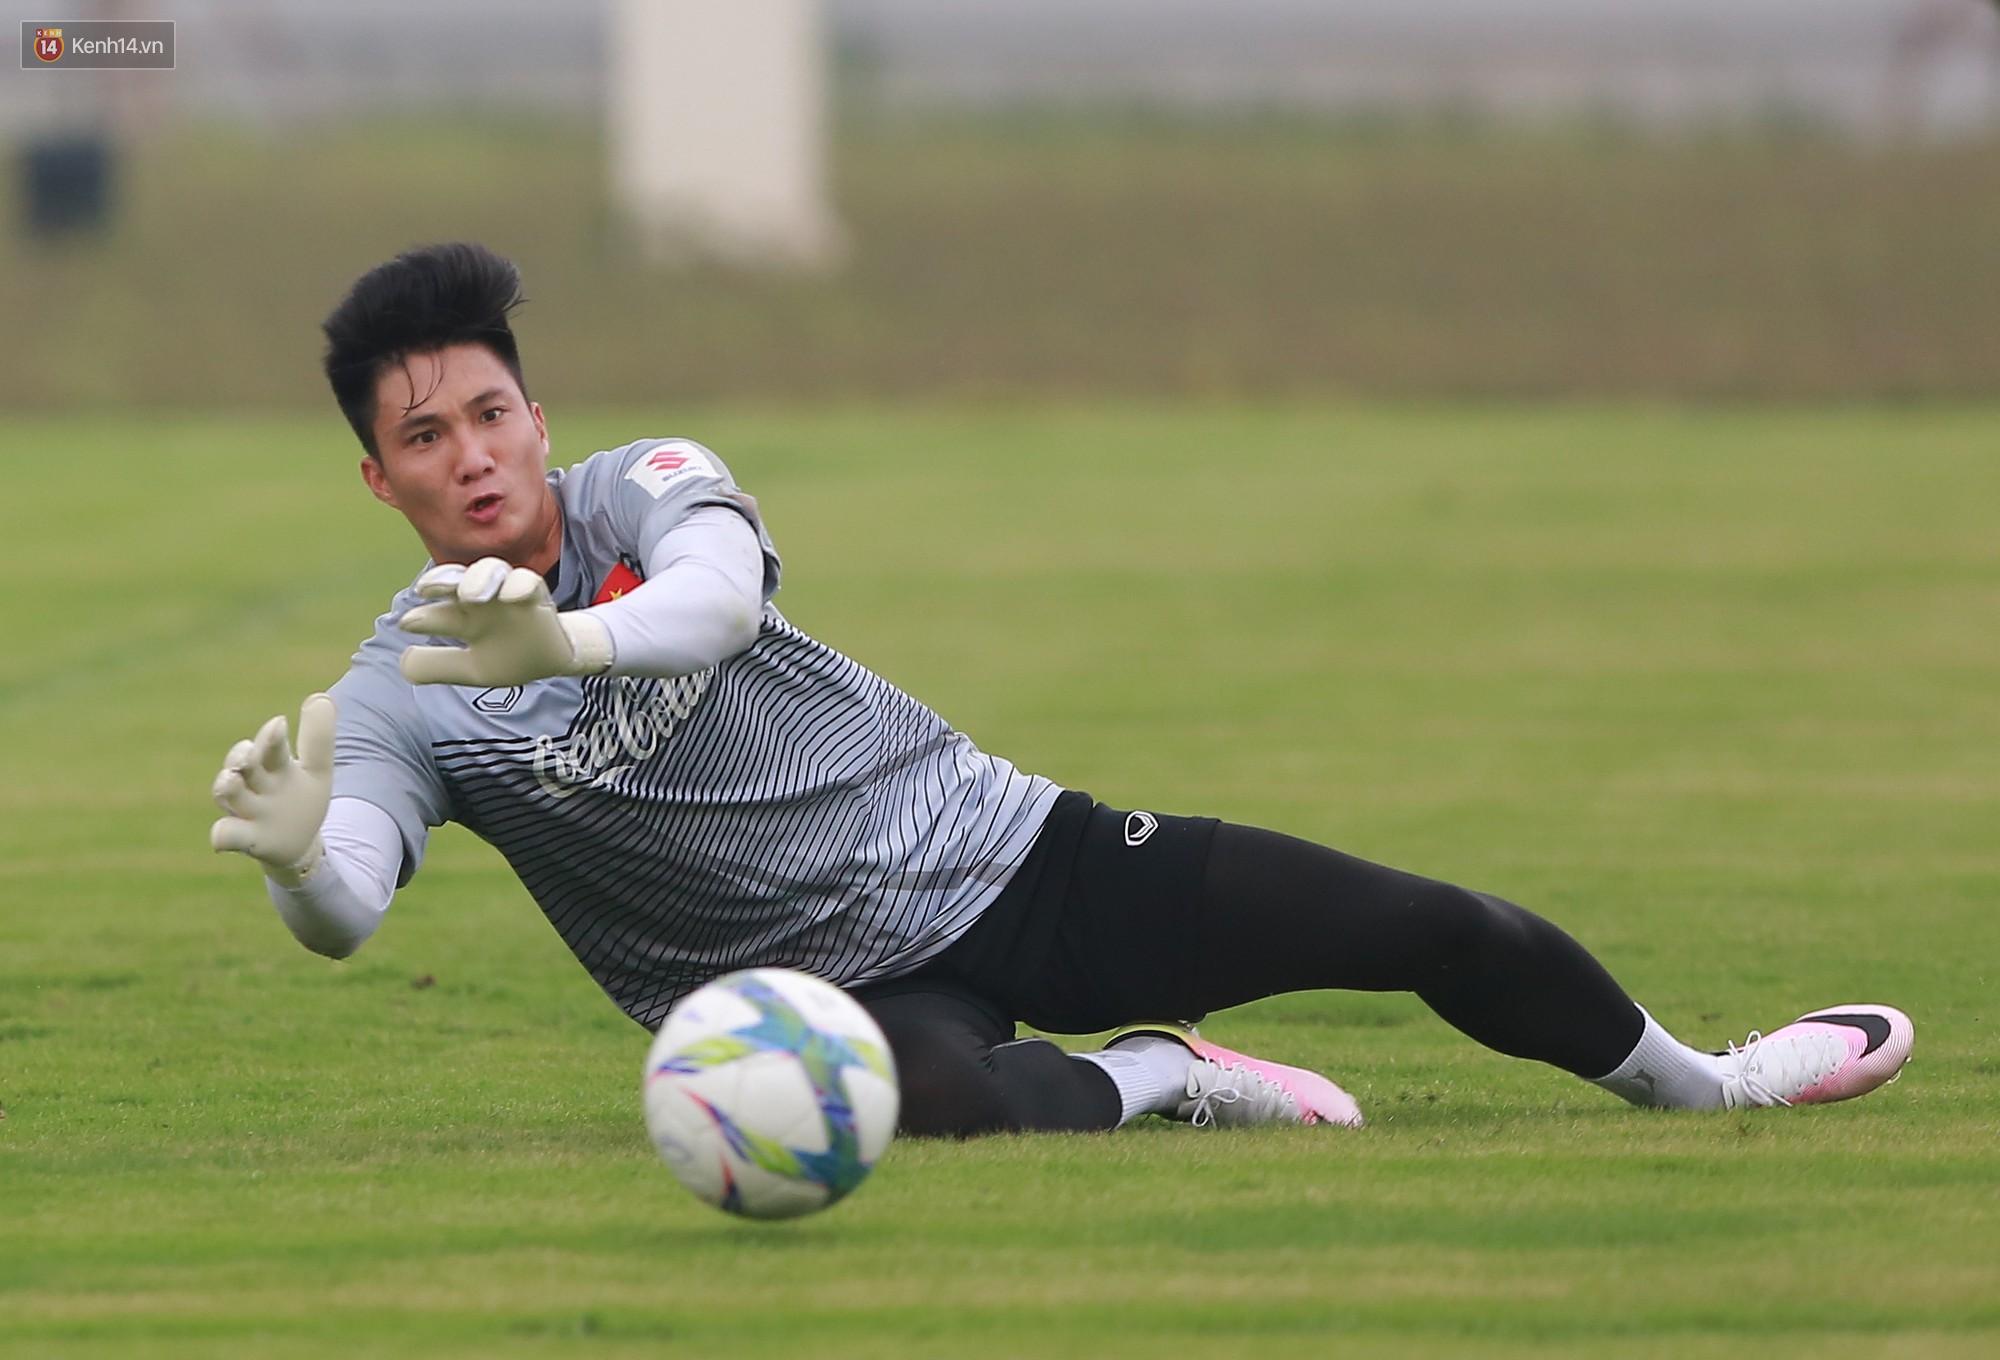 Nỗ lực của Hoàng thượng U23 Việt Nam khiến Bùi Tiến Dũng ngạc nhiên - Ảnh 4.